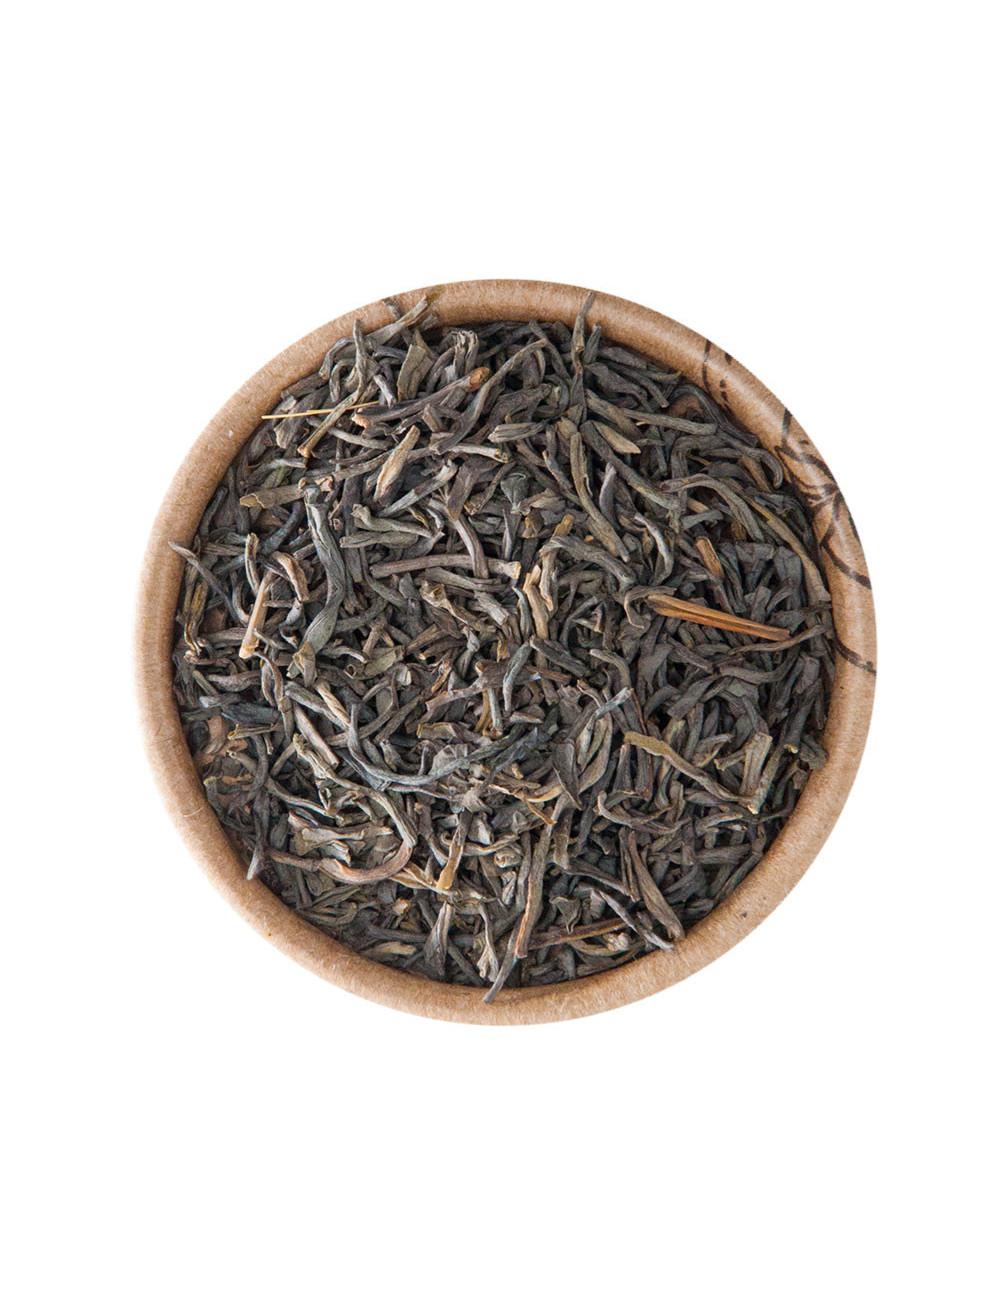 Li Zi Xiang first flush tè verde - La Pianta del Tè shop online